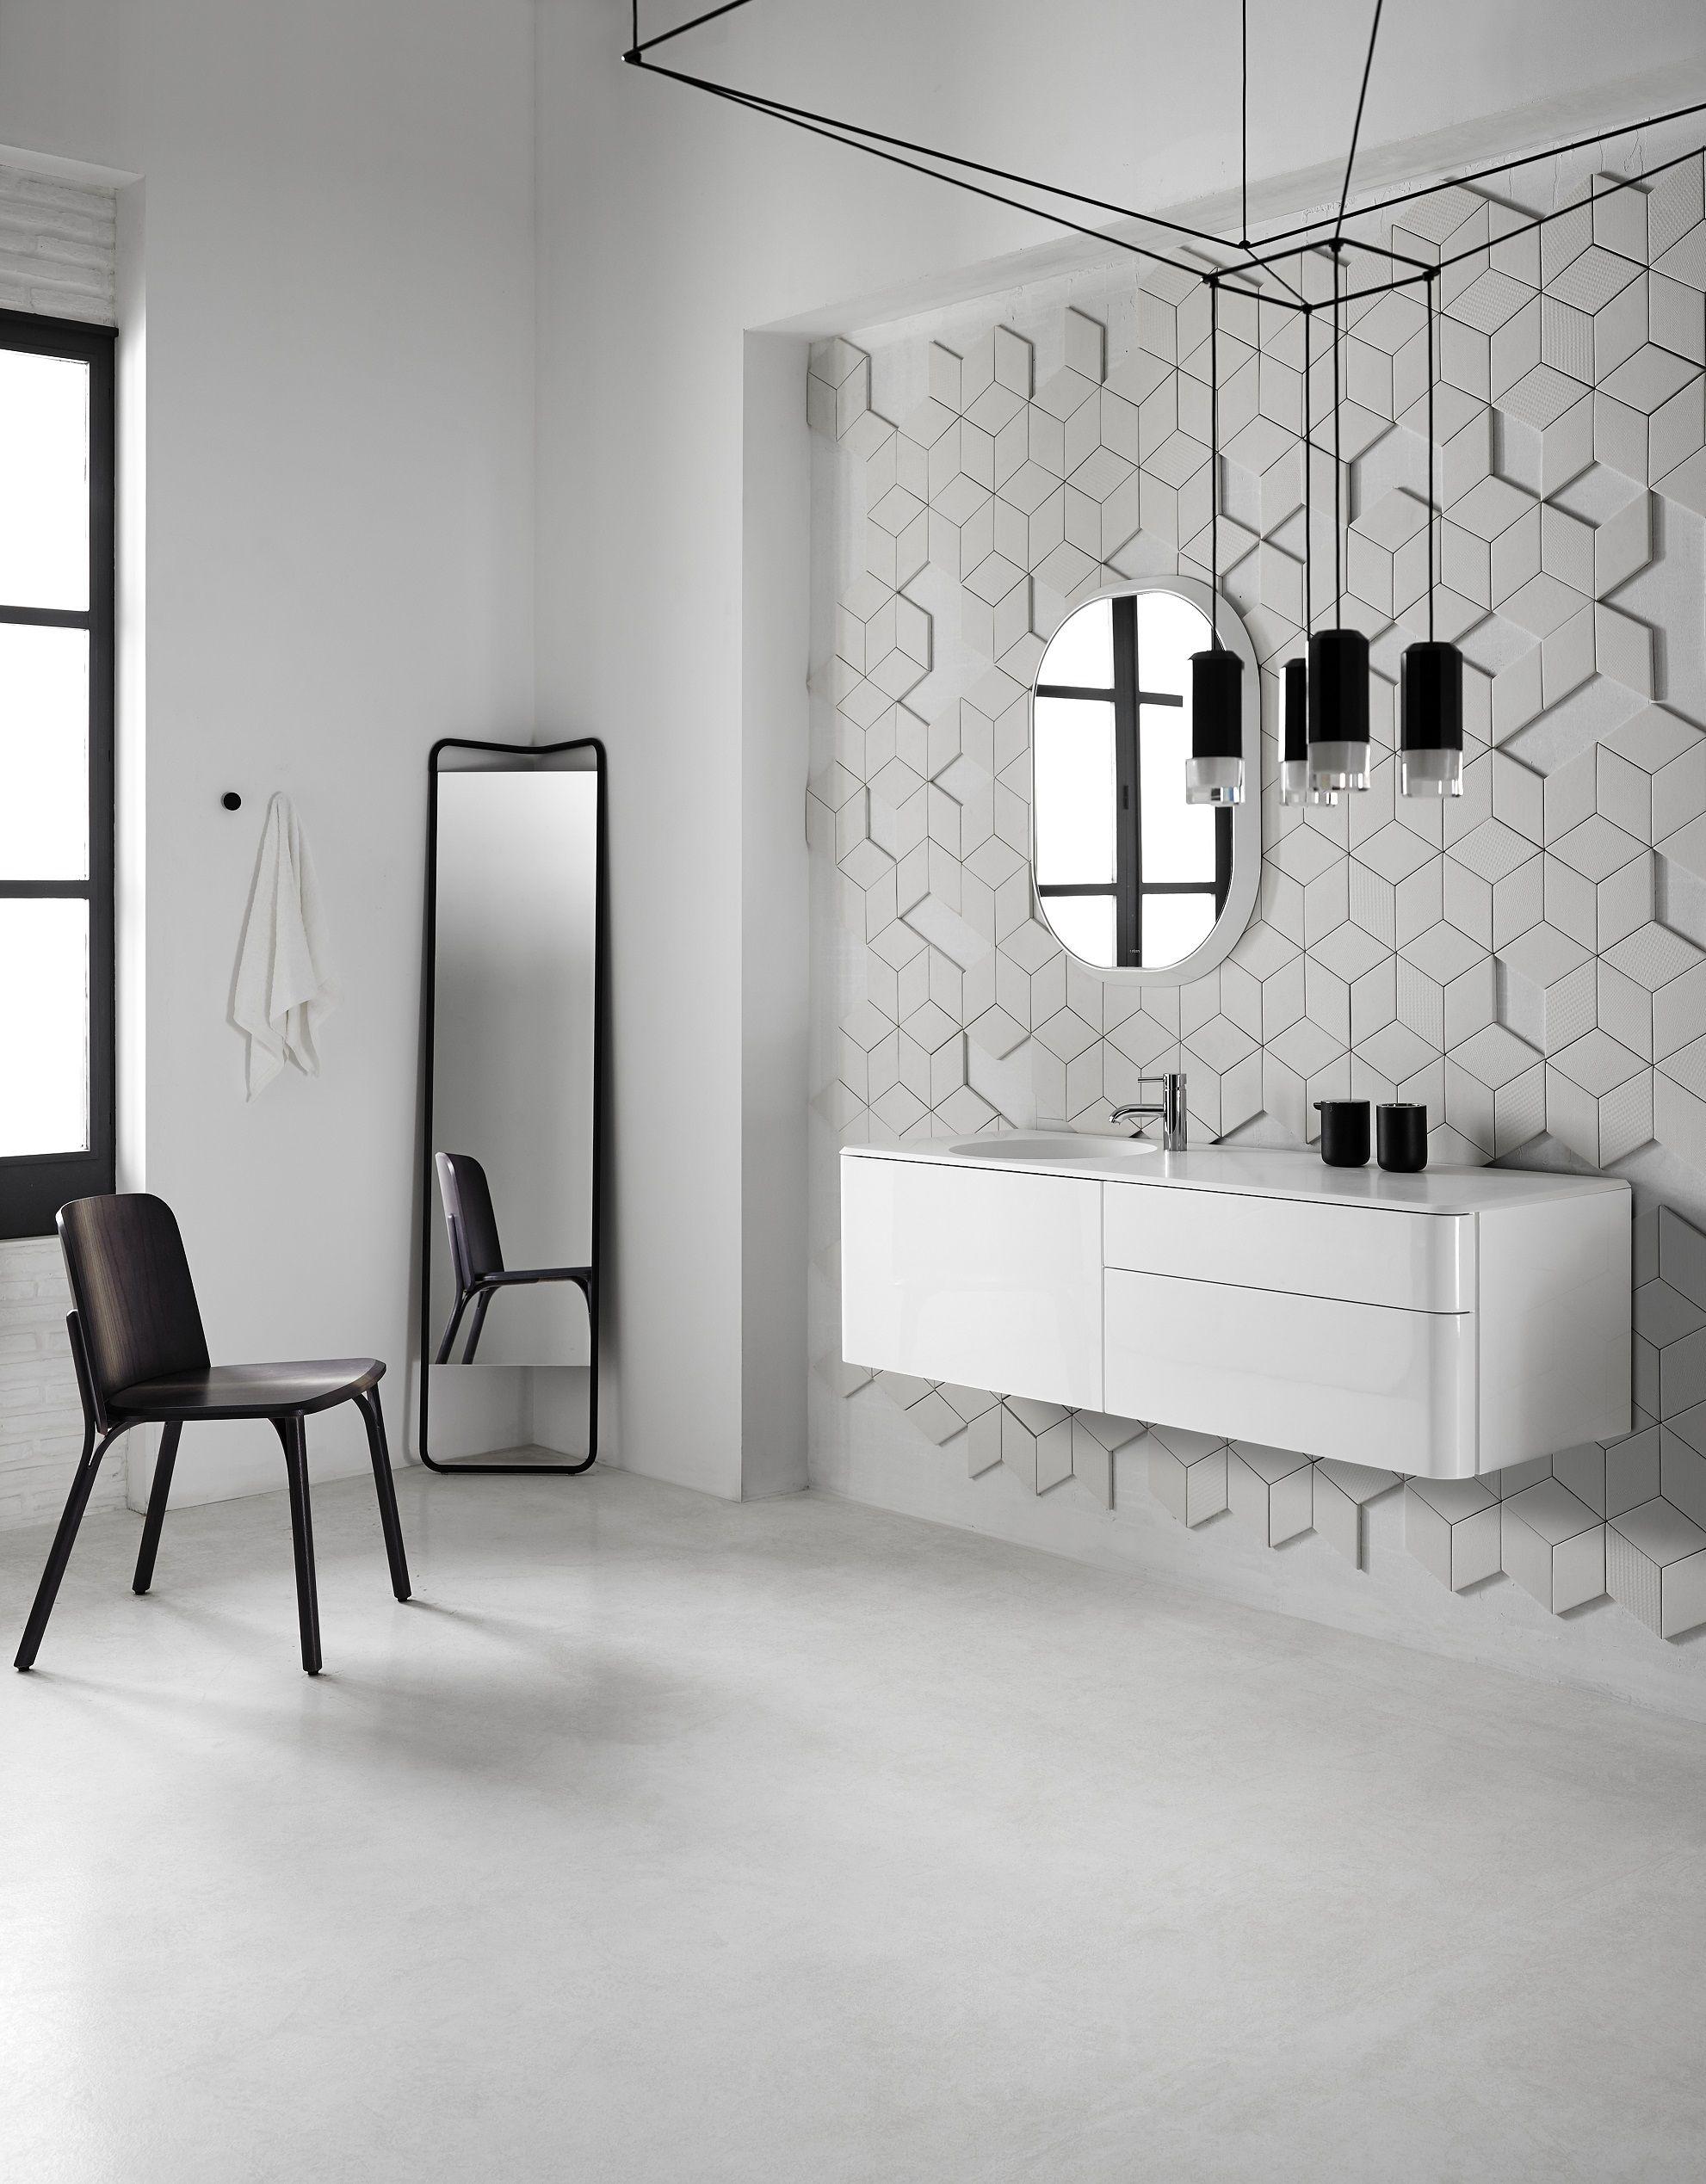 Badezimmerausstattung FLUENT | Badezimmerausstattung Kollektion Fluent By  INBANI Design Arik Levy